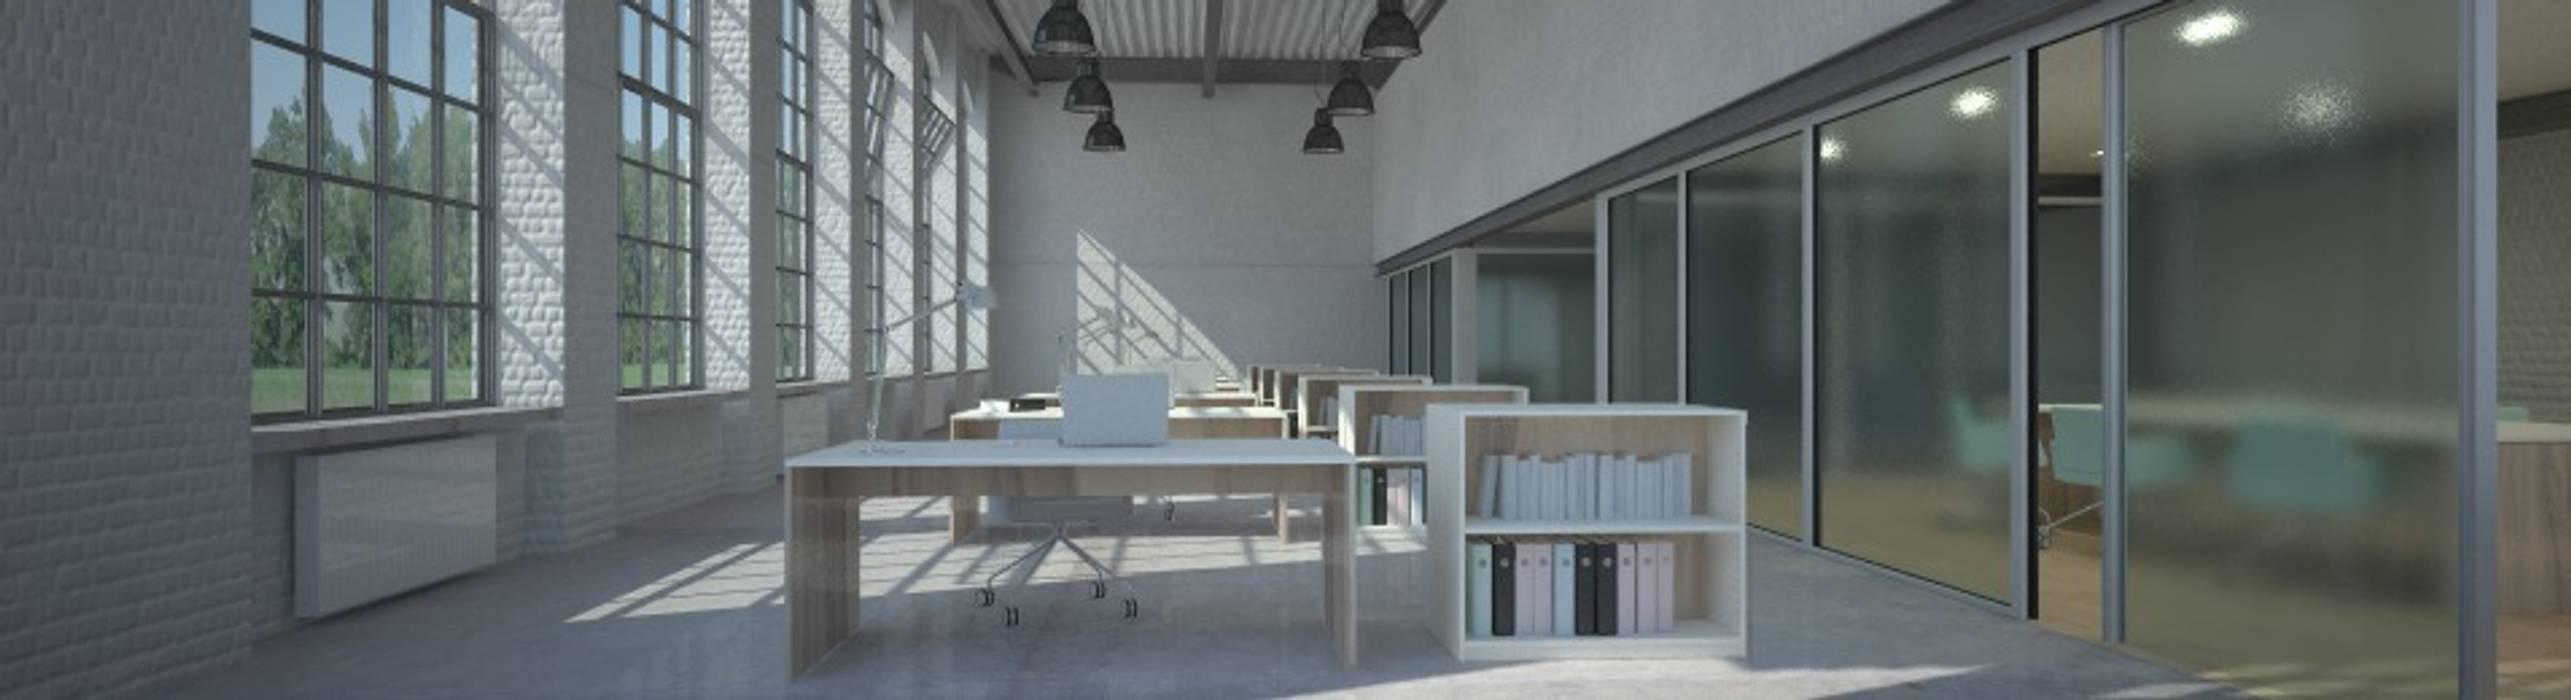 Büro mit Tischen und Regalen nach Maß: moderne Arbeitszimmer von Möbelmanufaktur Grube Carl GmbH